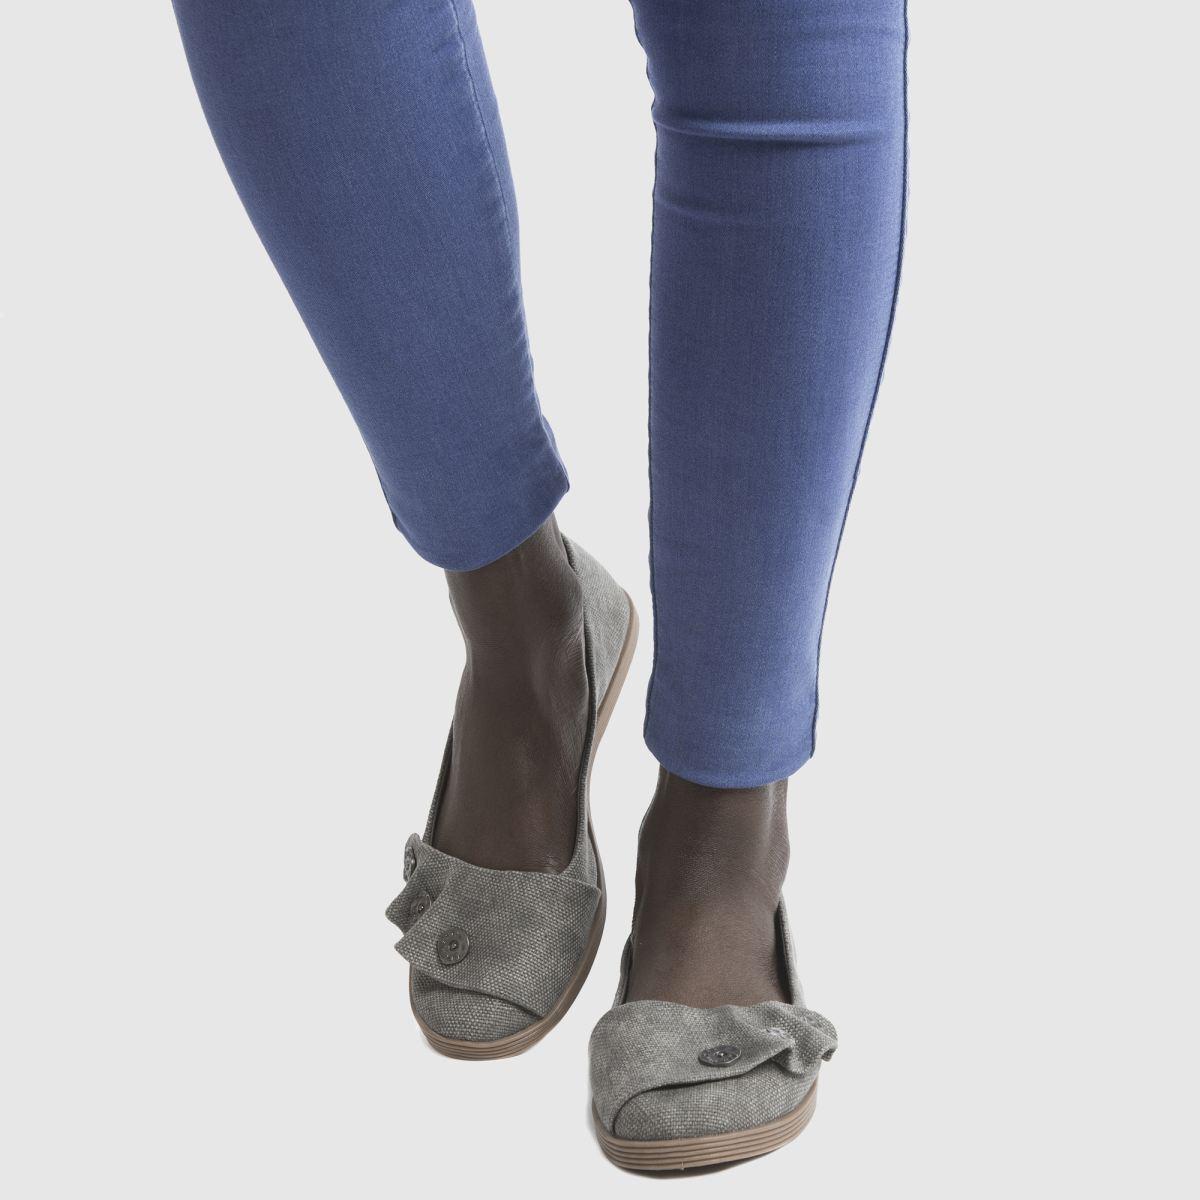 Damen Dunkelgrau blowfish Garden Flats   schuh Gute Qualität beliebte Schuhe